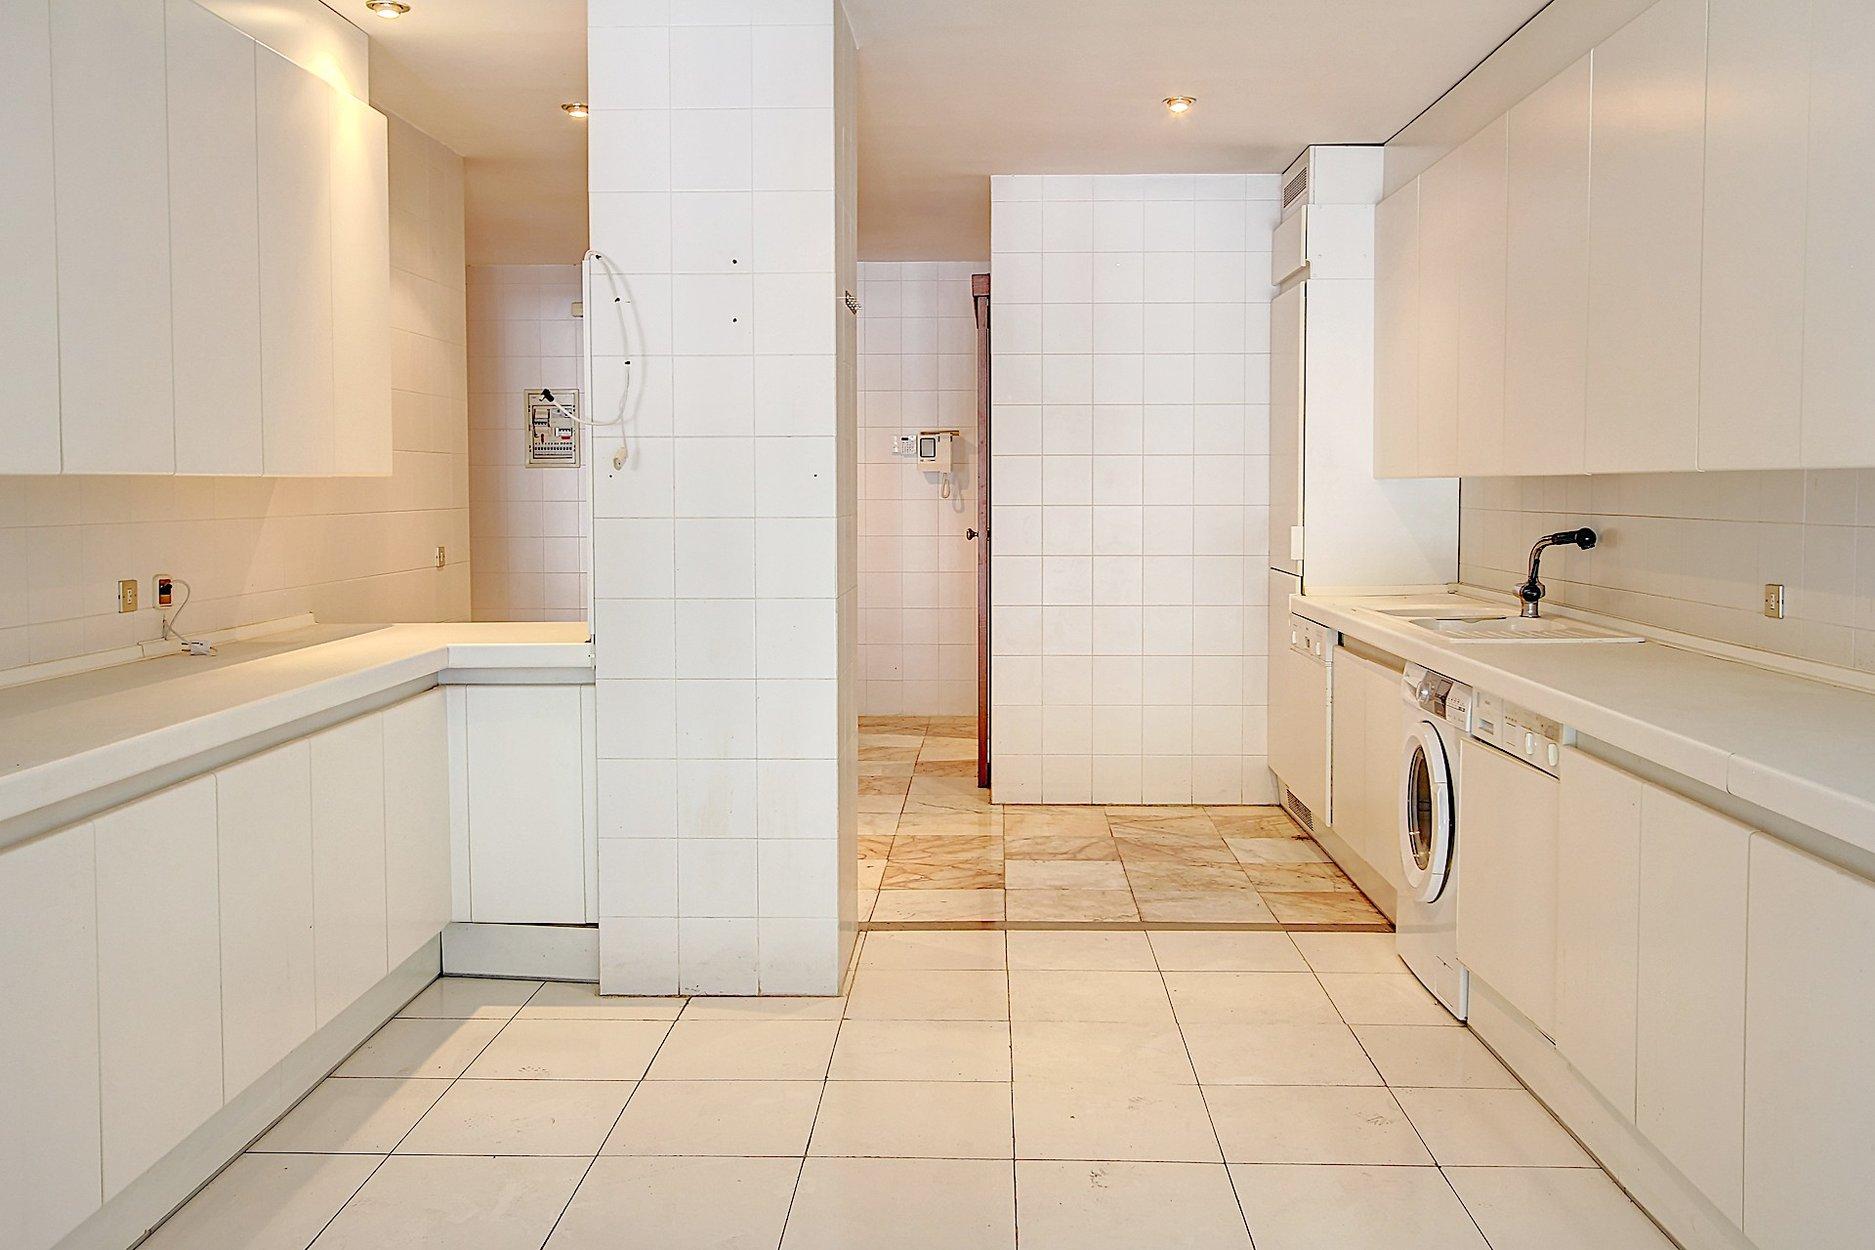 3 Bedroom 2 Bathroom Apartment For Sale In Marbella Mas Property Marbella